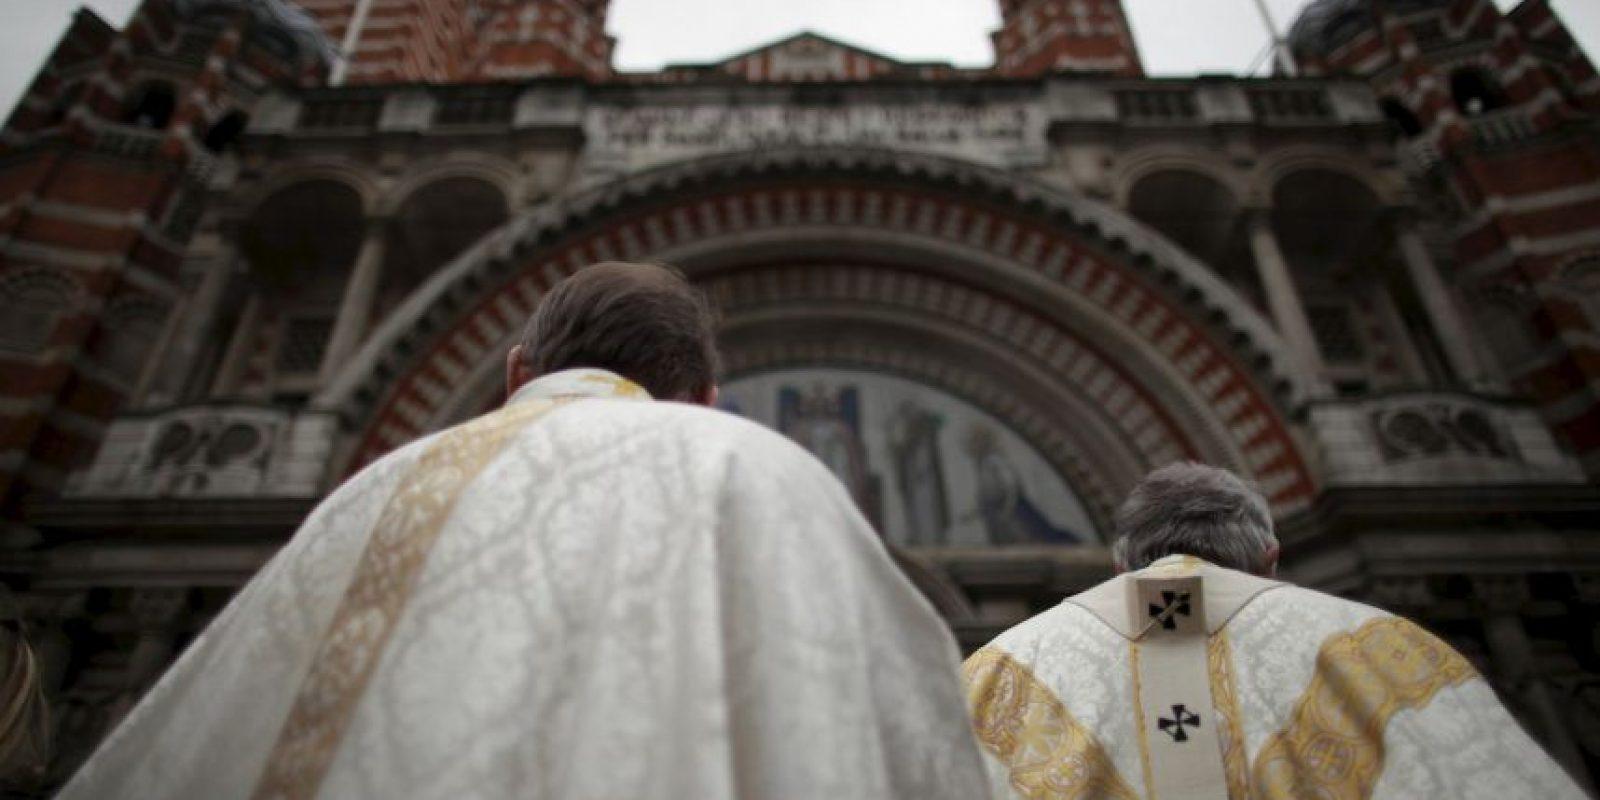 Los altos mandos de la Iglesia Católica ya se encuentran informados. Foto:Getty. Imagen Por: Imagen: Getty